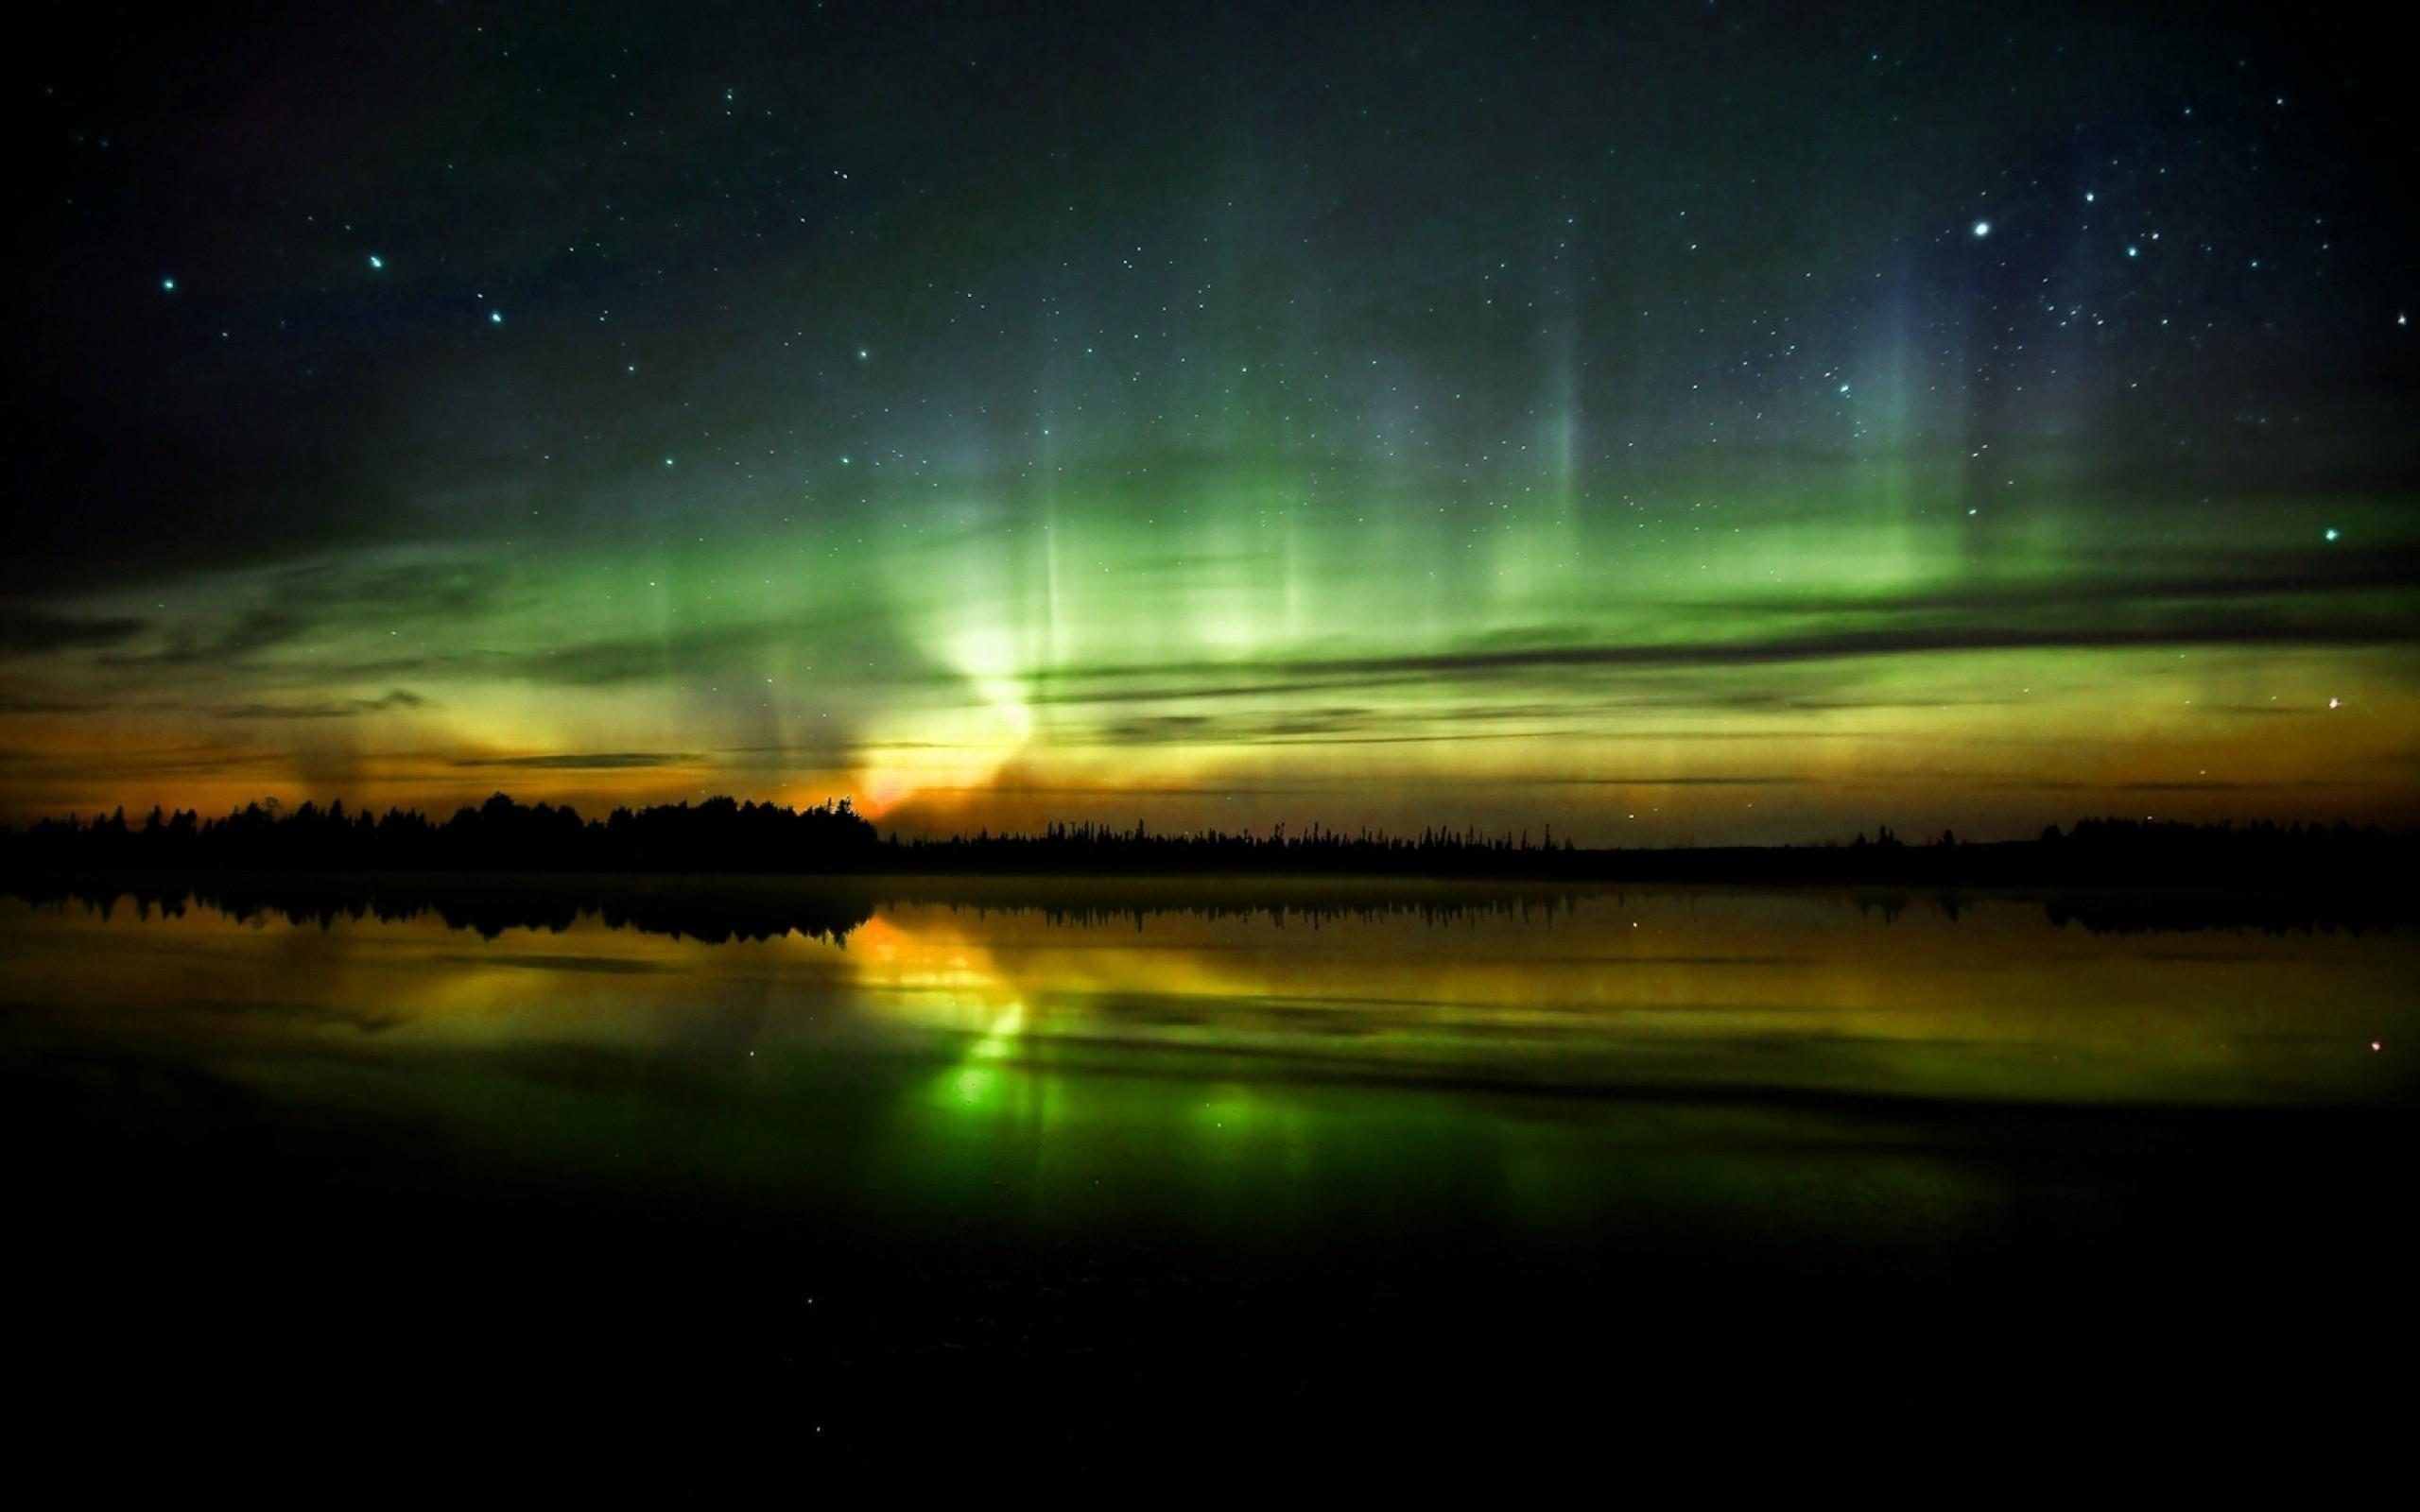 Aurora boreale sfondi per pc 2560x1600 id 360687 for Sfondi desktop aurora boreale